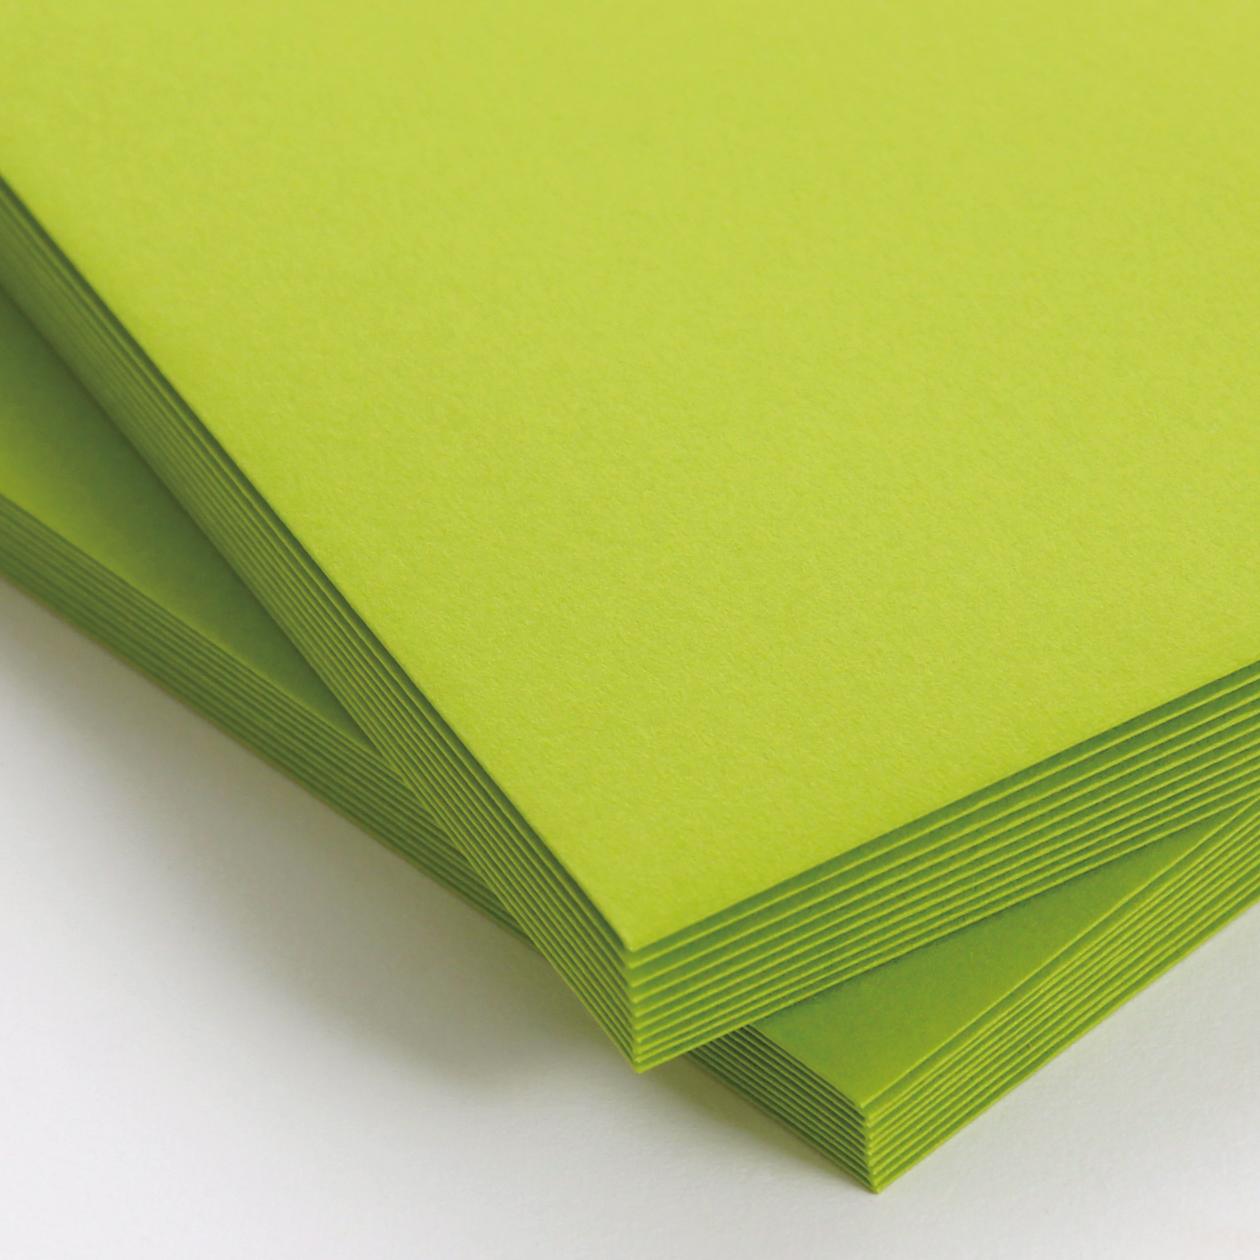 洋2カマス封筒 コットン(NTラシャ) 黄緑 116.3g